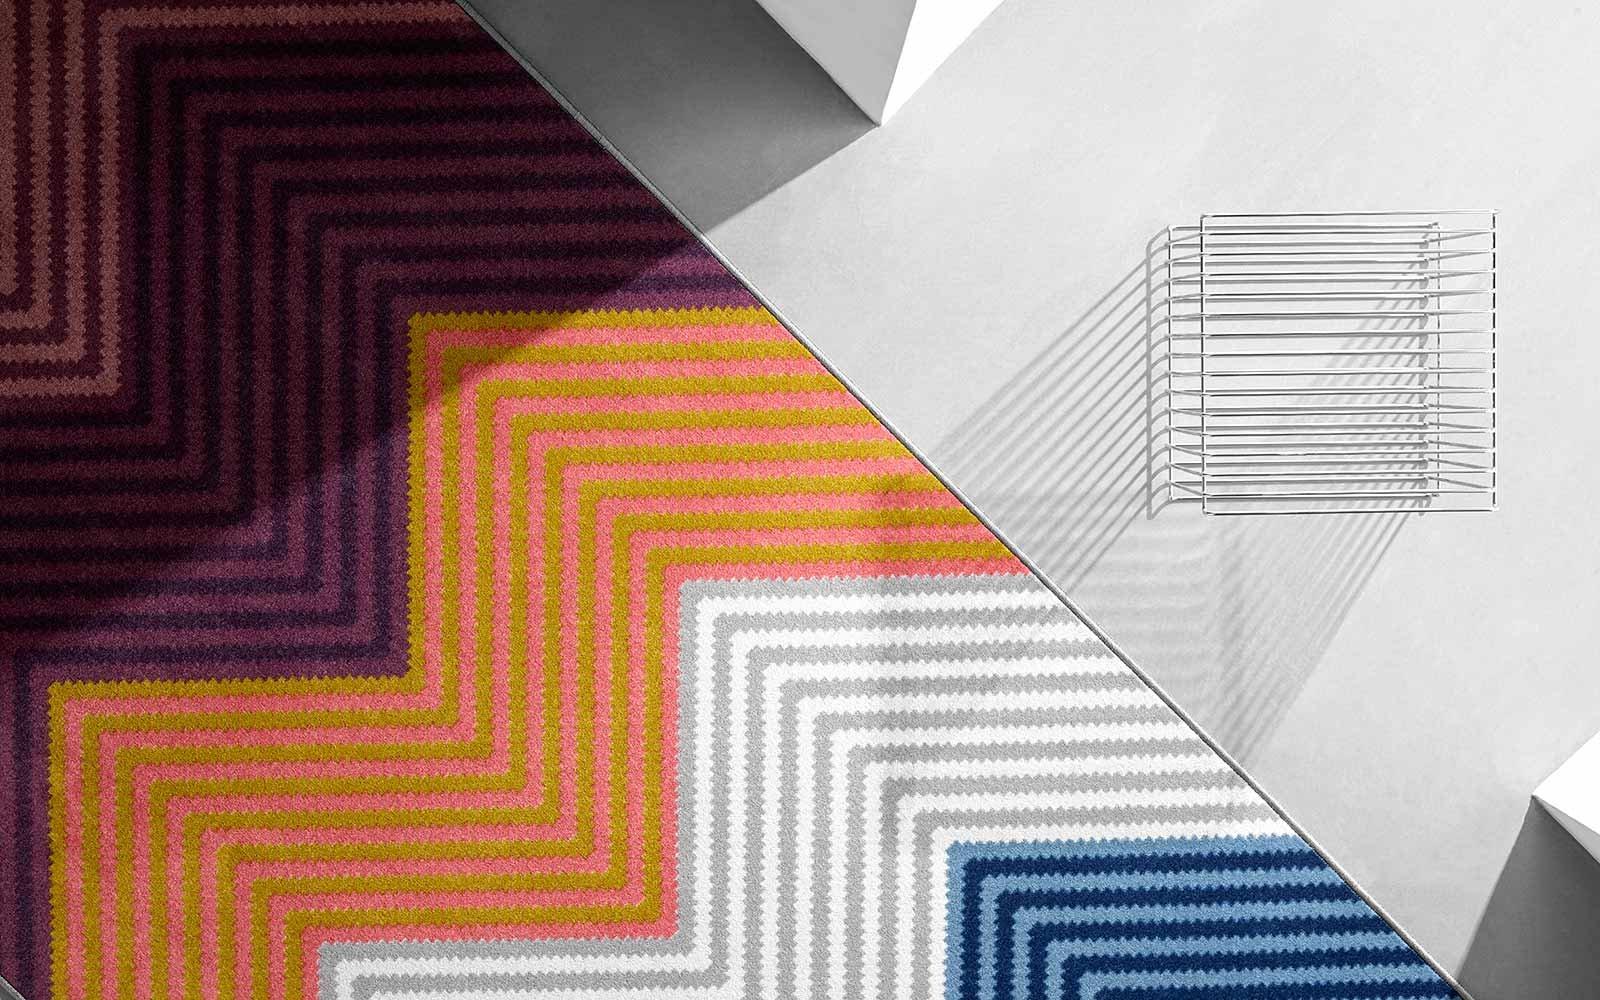 Teppich mit Fischgrätenmuster und kontrastreichen Farben